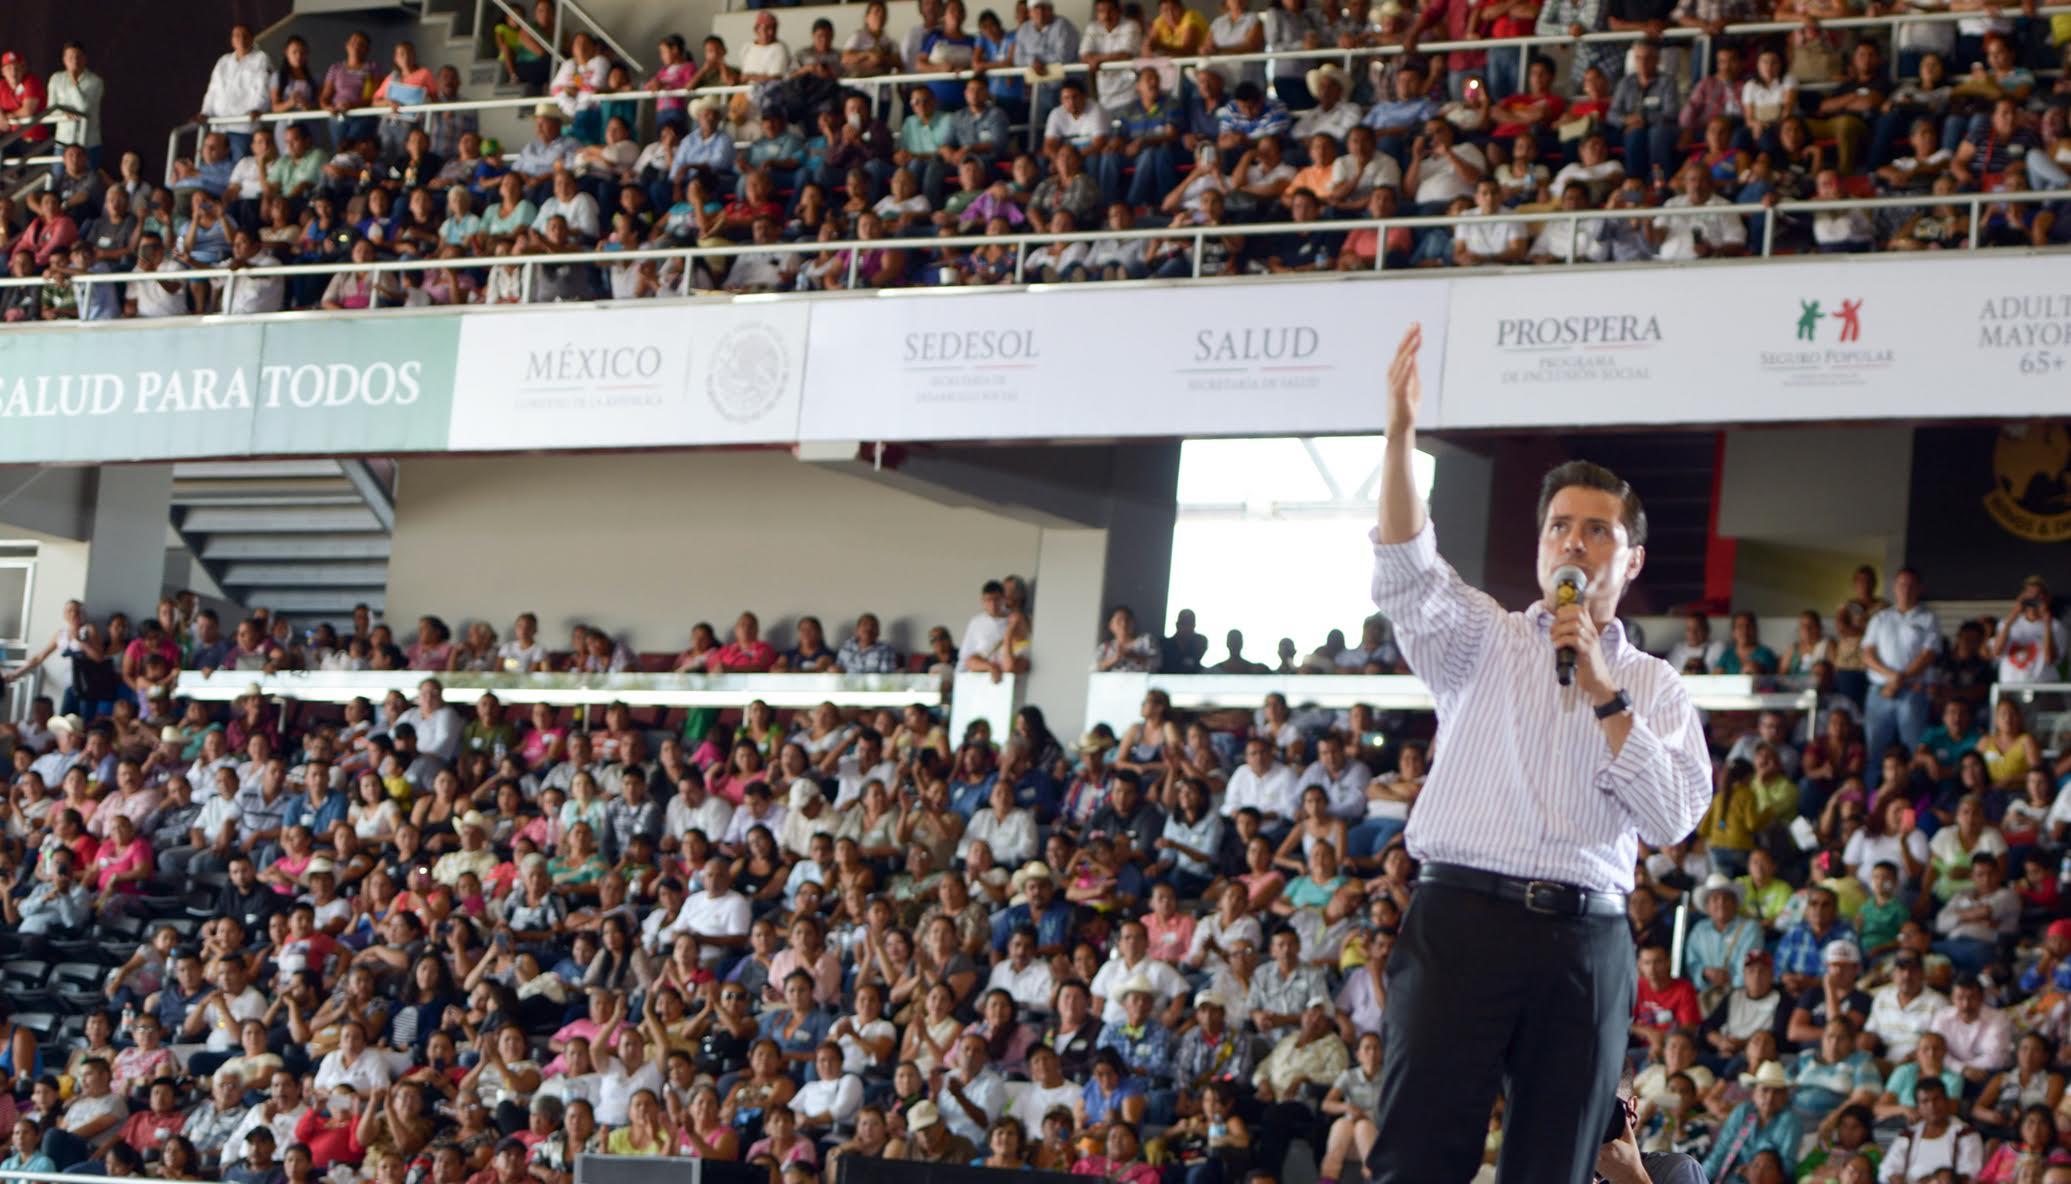 El Primer Mandatario durante su discurso en el acto en Tepic, Nayarit, habla sobre los beneficios del Seguro Popular.